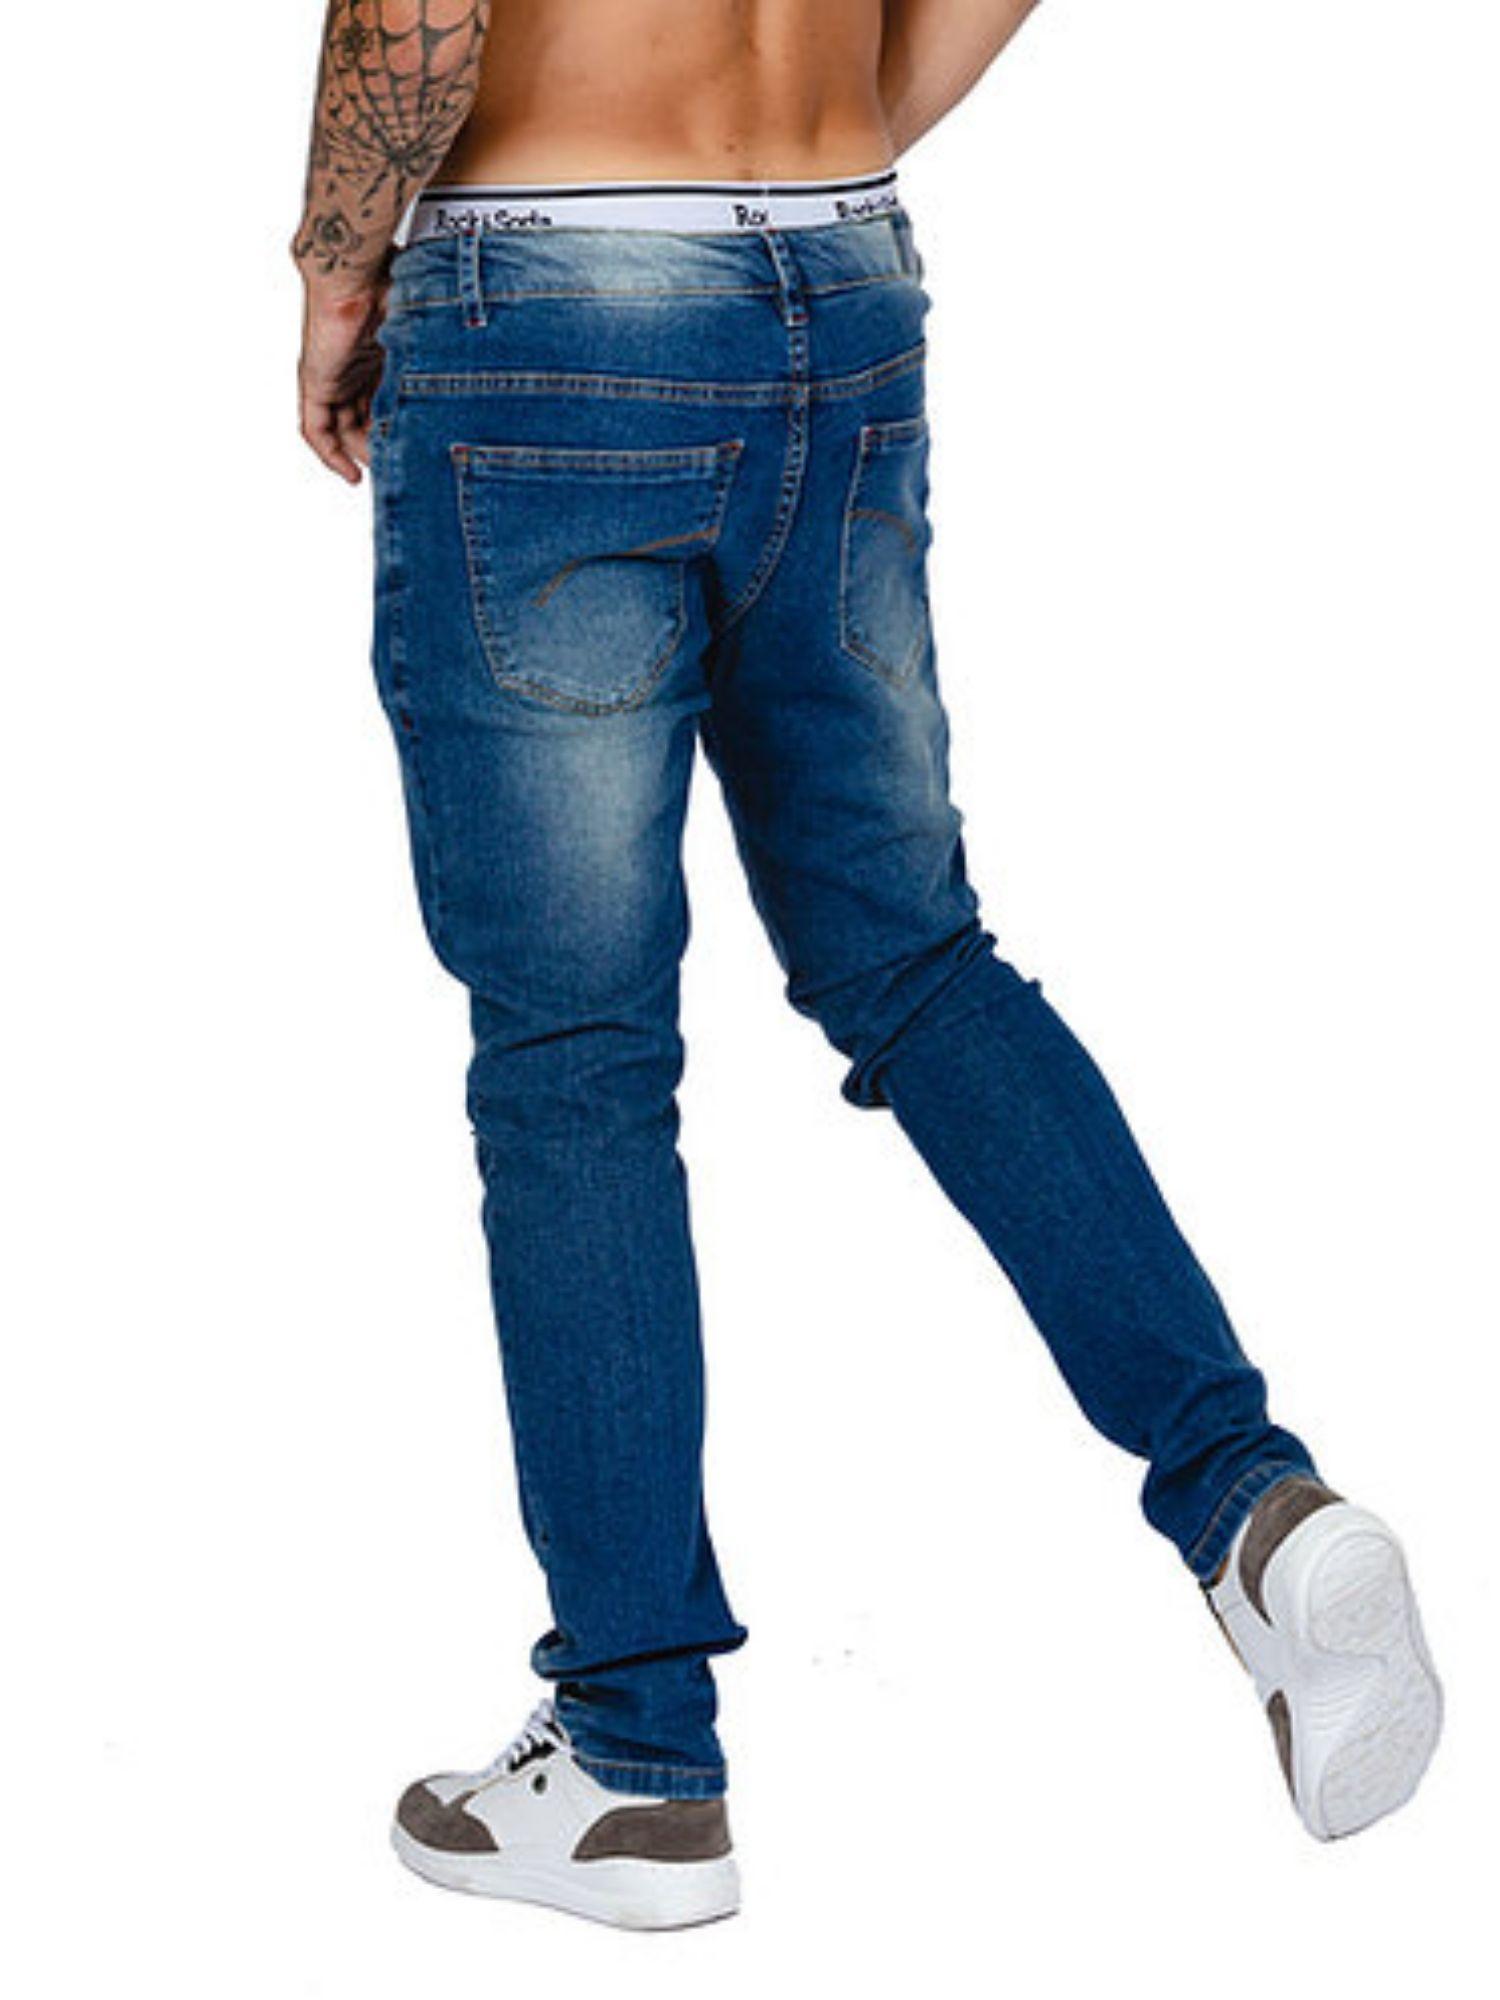 Calça Masculina Jeans Rock Soda  37998